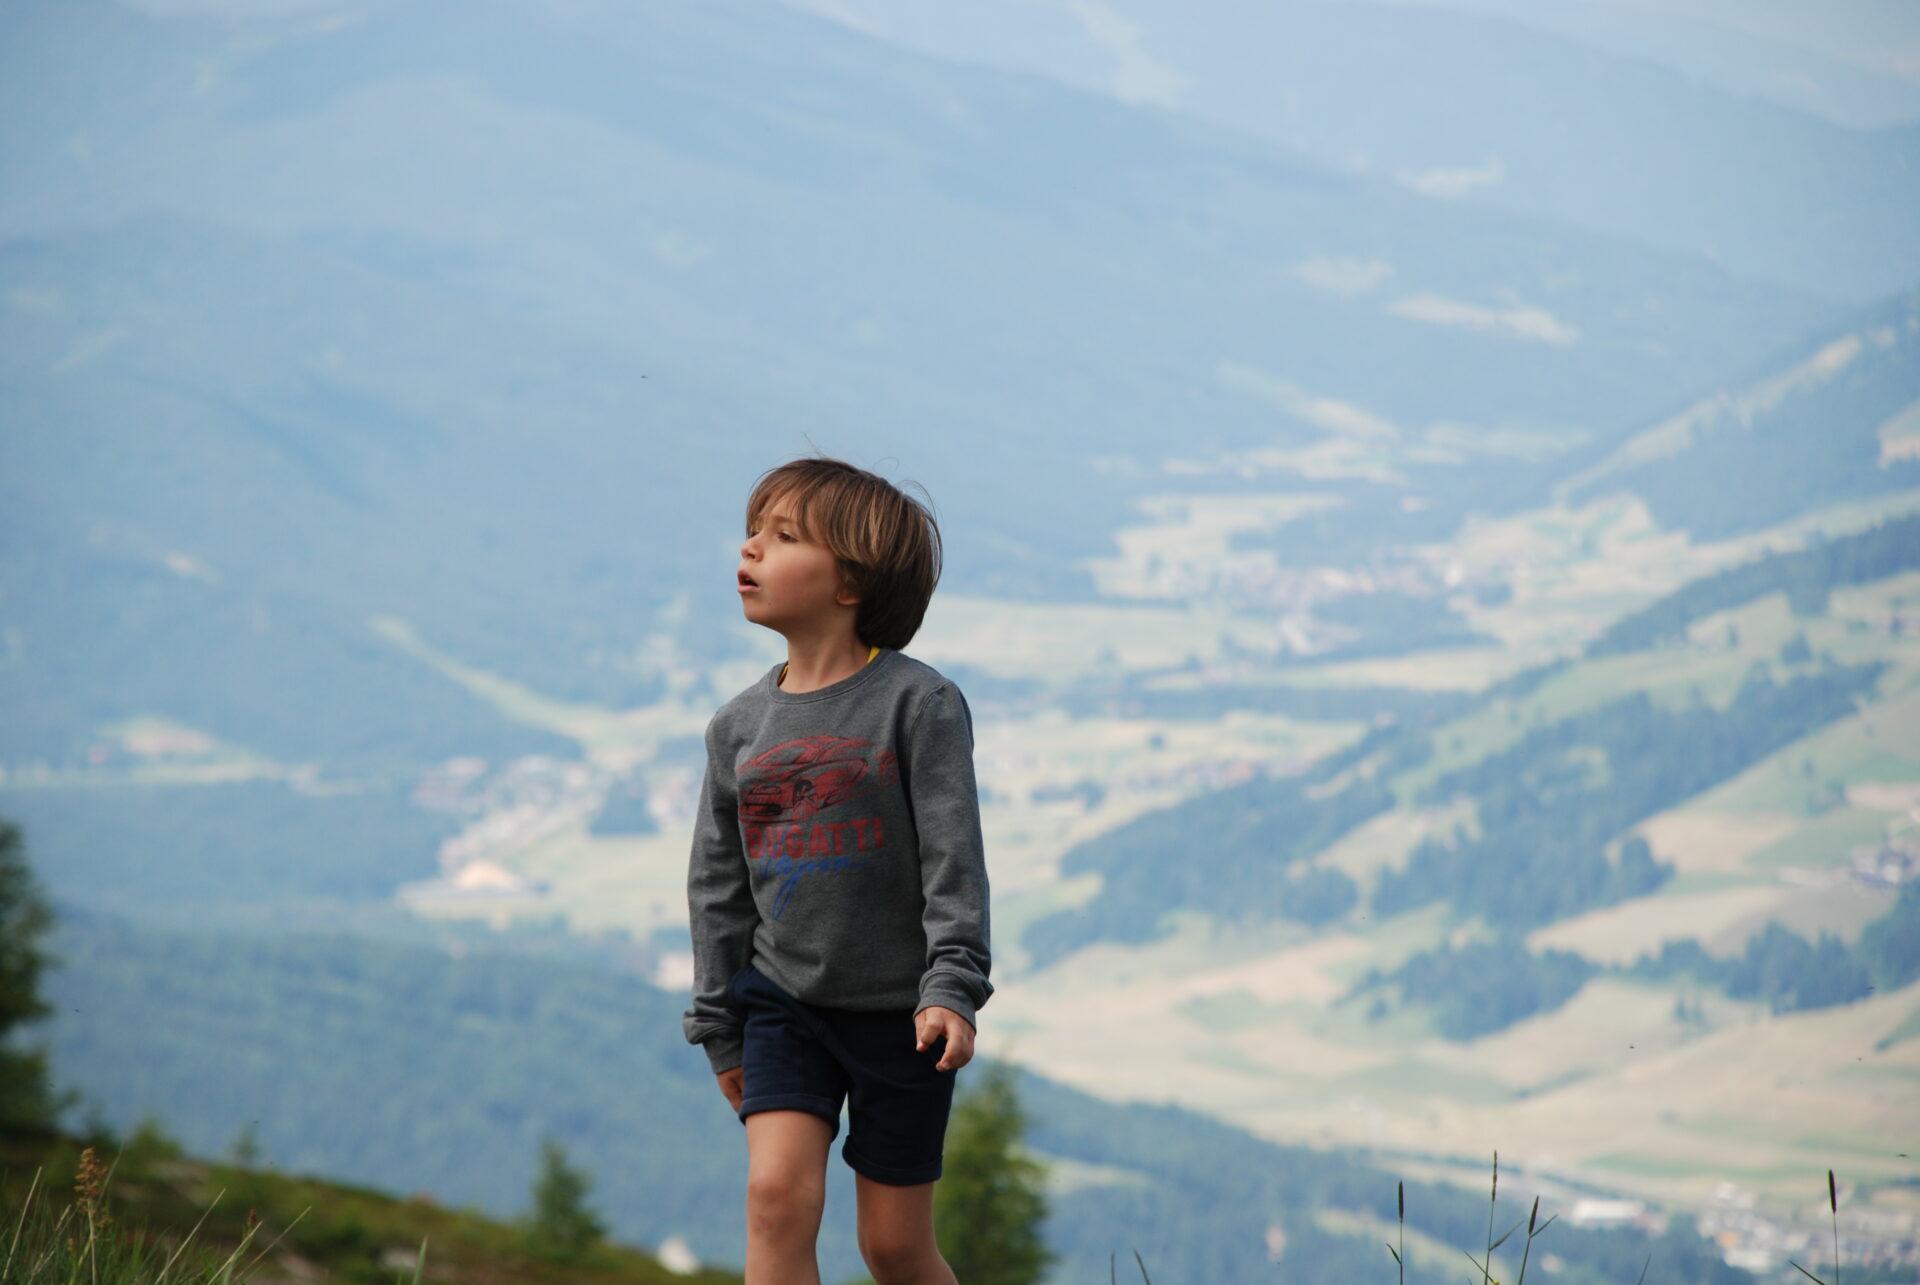 Vacanze a San Candido con bambini: la top 3 delle attività più divertenti